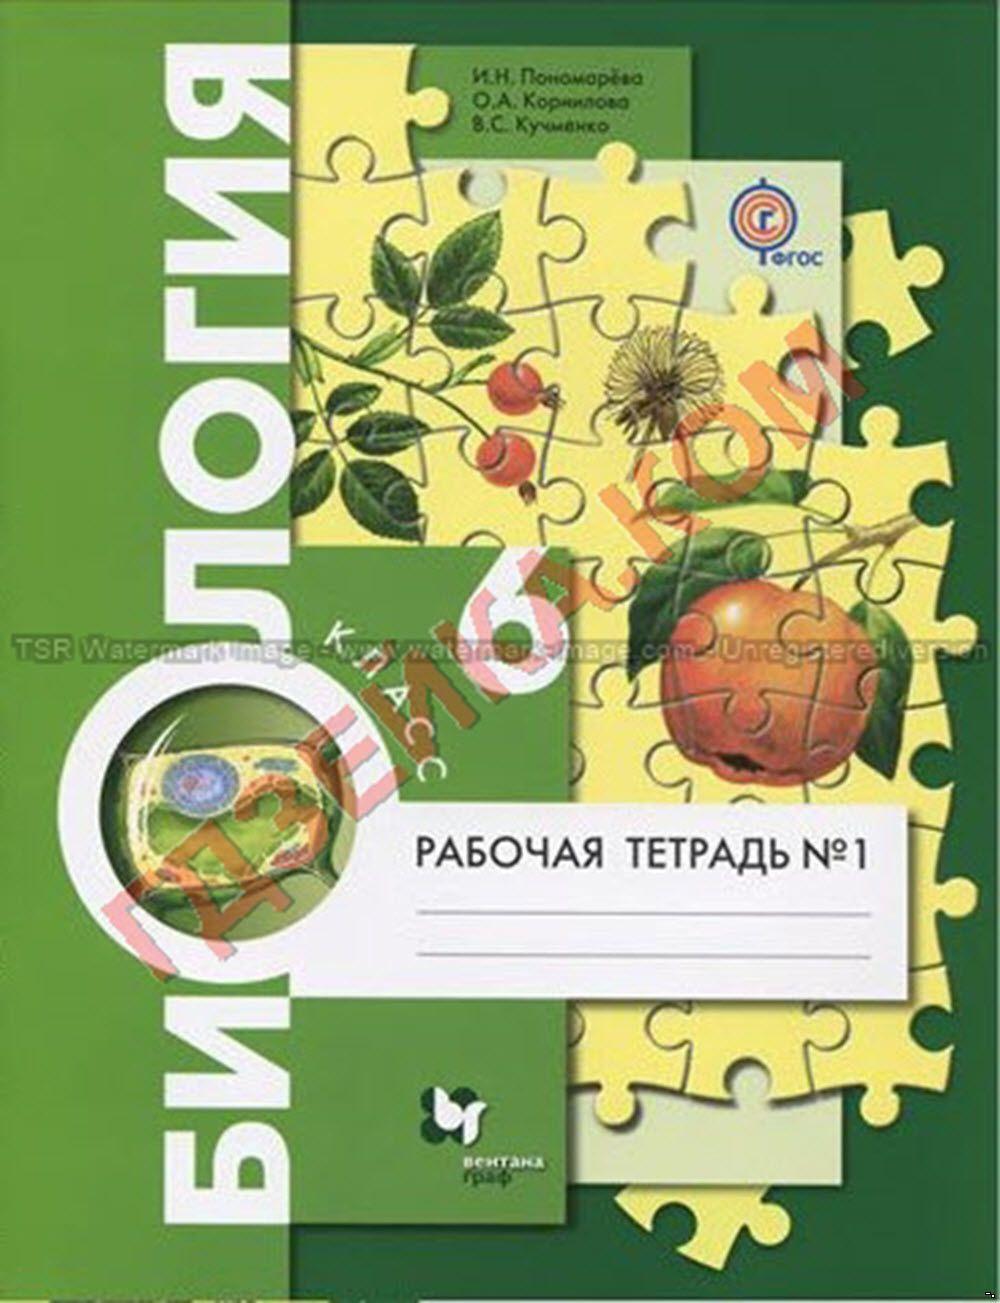 Готовые домашние задания по русскаму языку авторы н.г.гольцова и и.в.шамшин